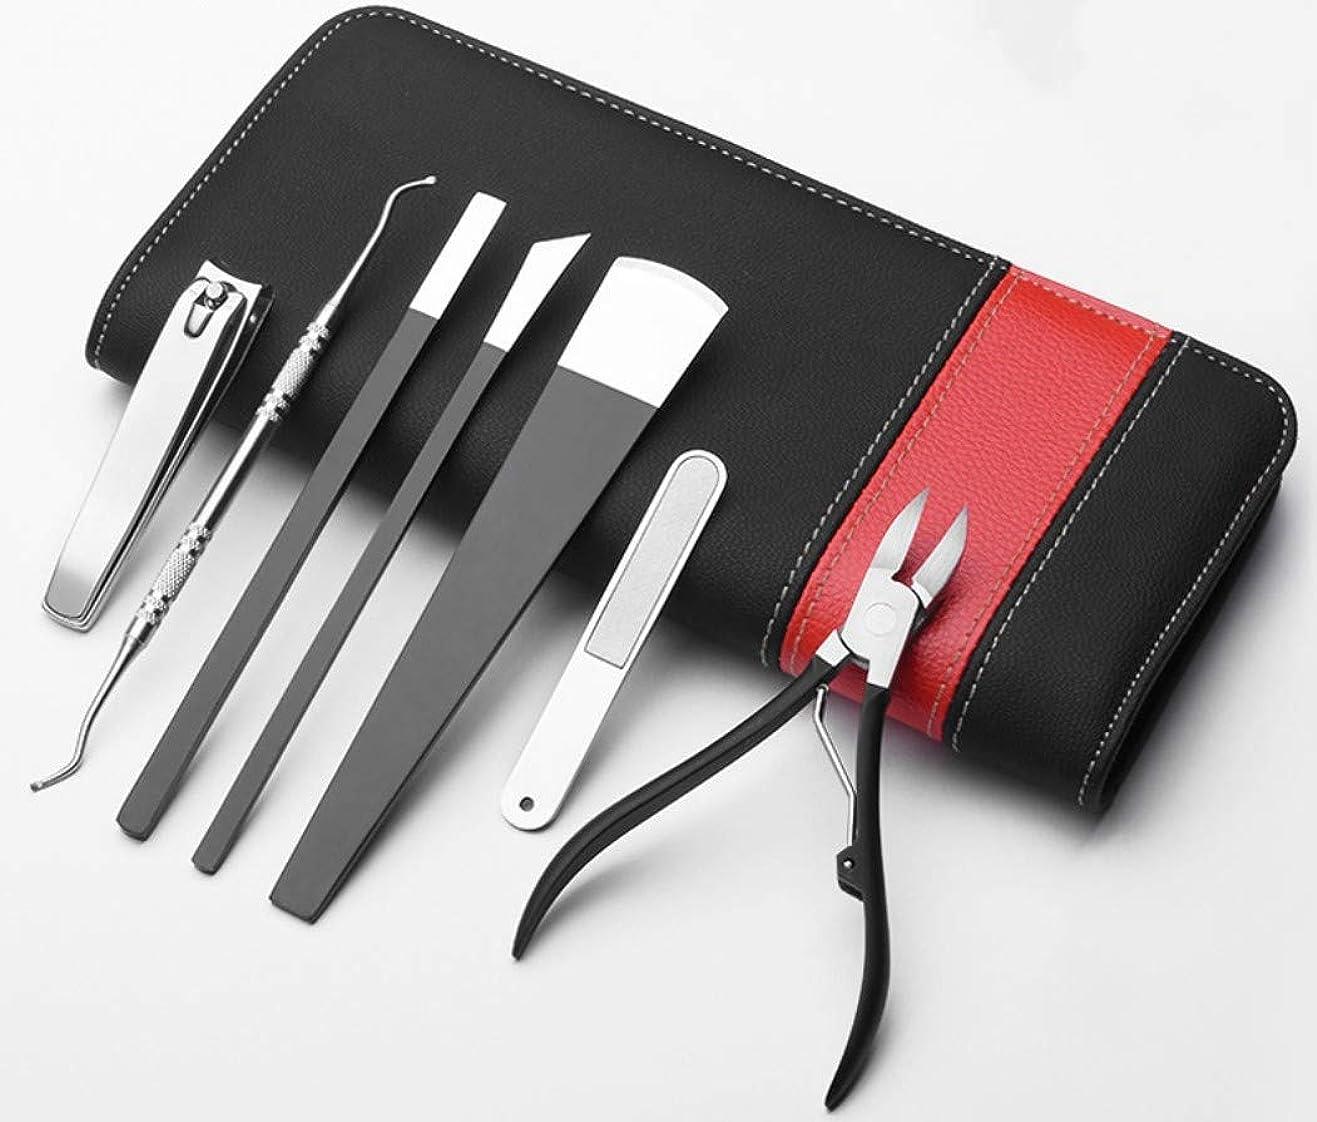 顔料リングレットヒョウ7点セット専門修足器修足師個人の足指甲ケアツールの良質なステンレス足の固定ツールと携帯型と精細革のファスナー袋